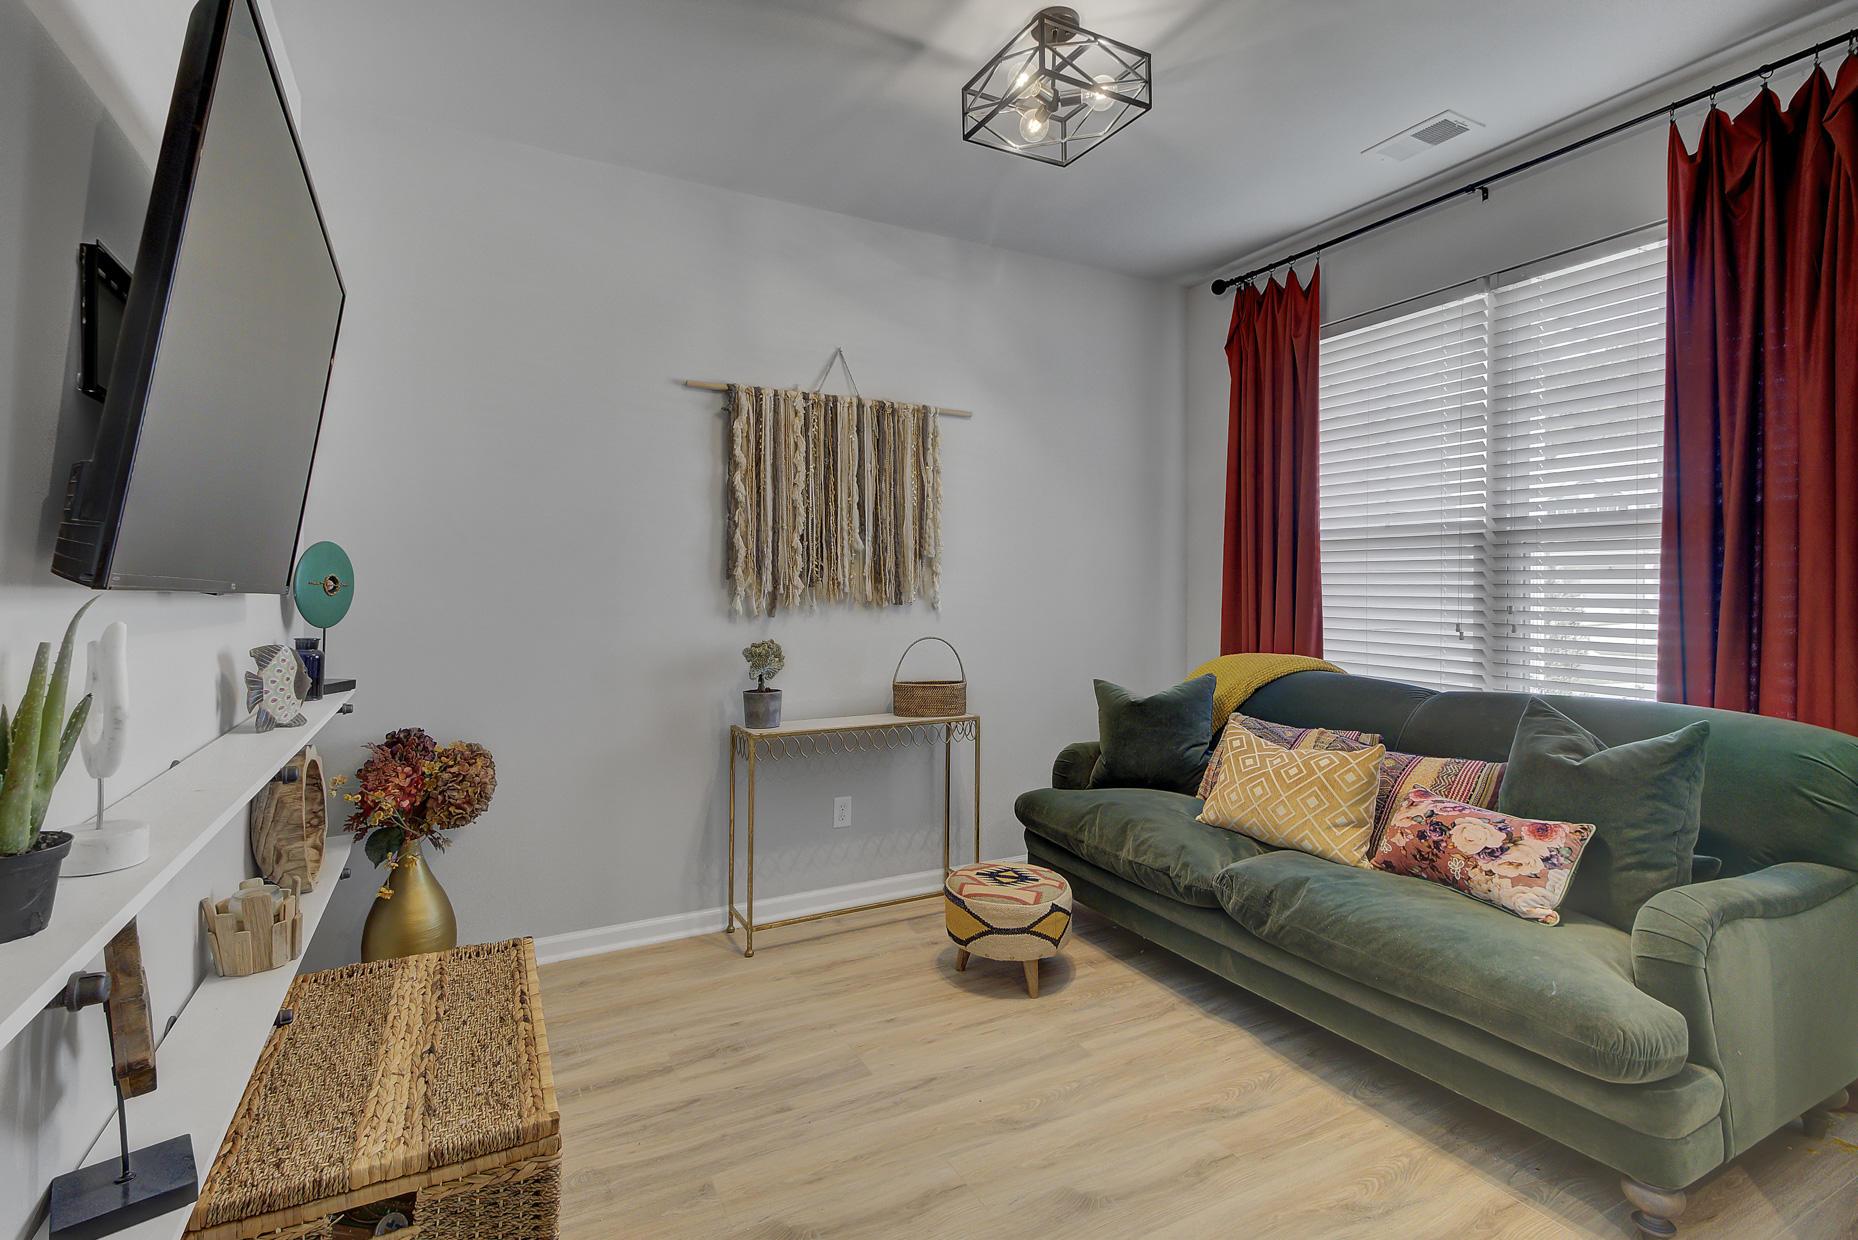 Park West Homes For Sale - 2566 Kingsfield, Mount Pleasant, SC - 3